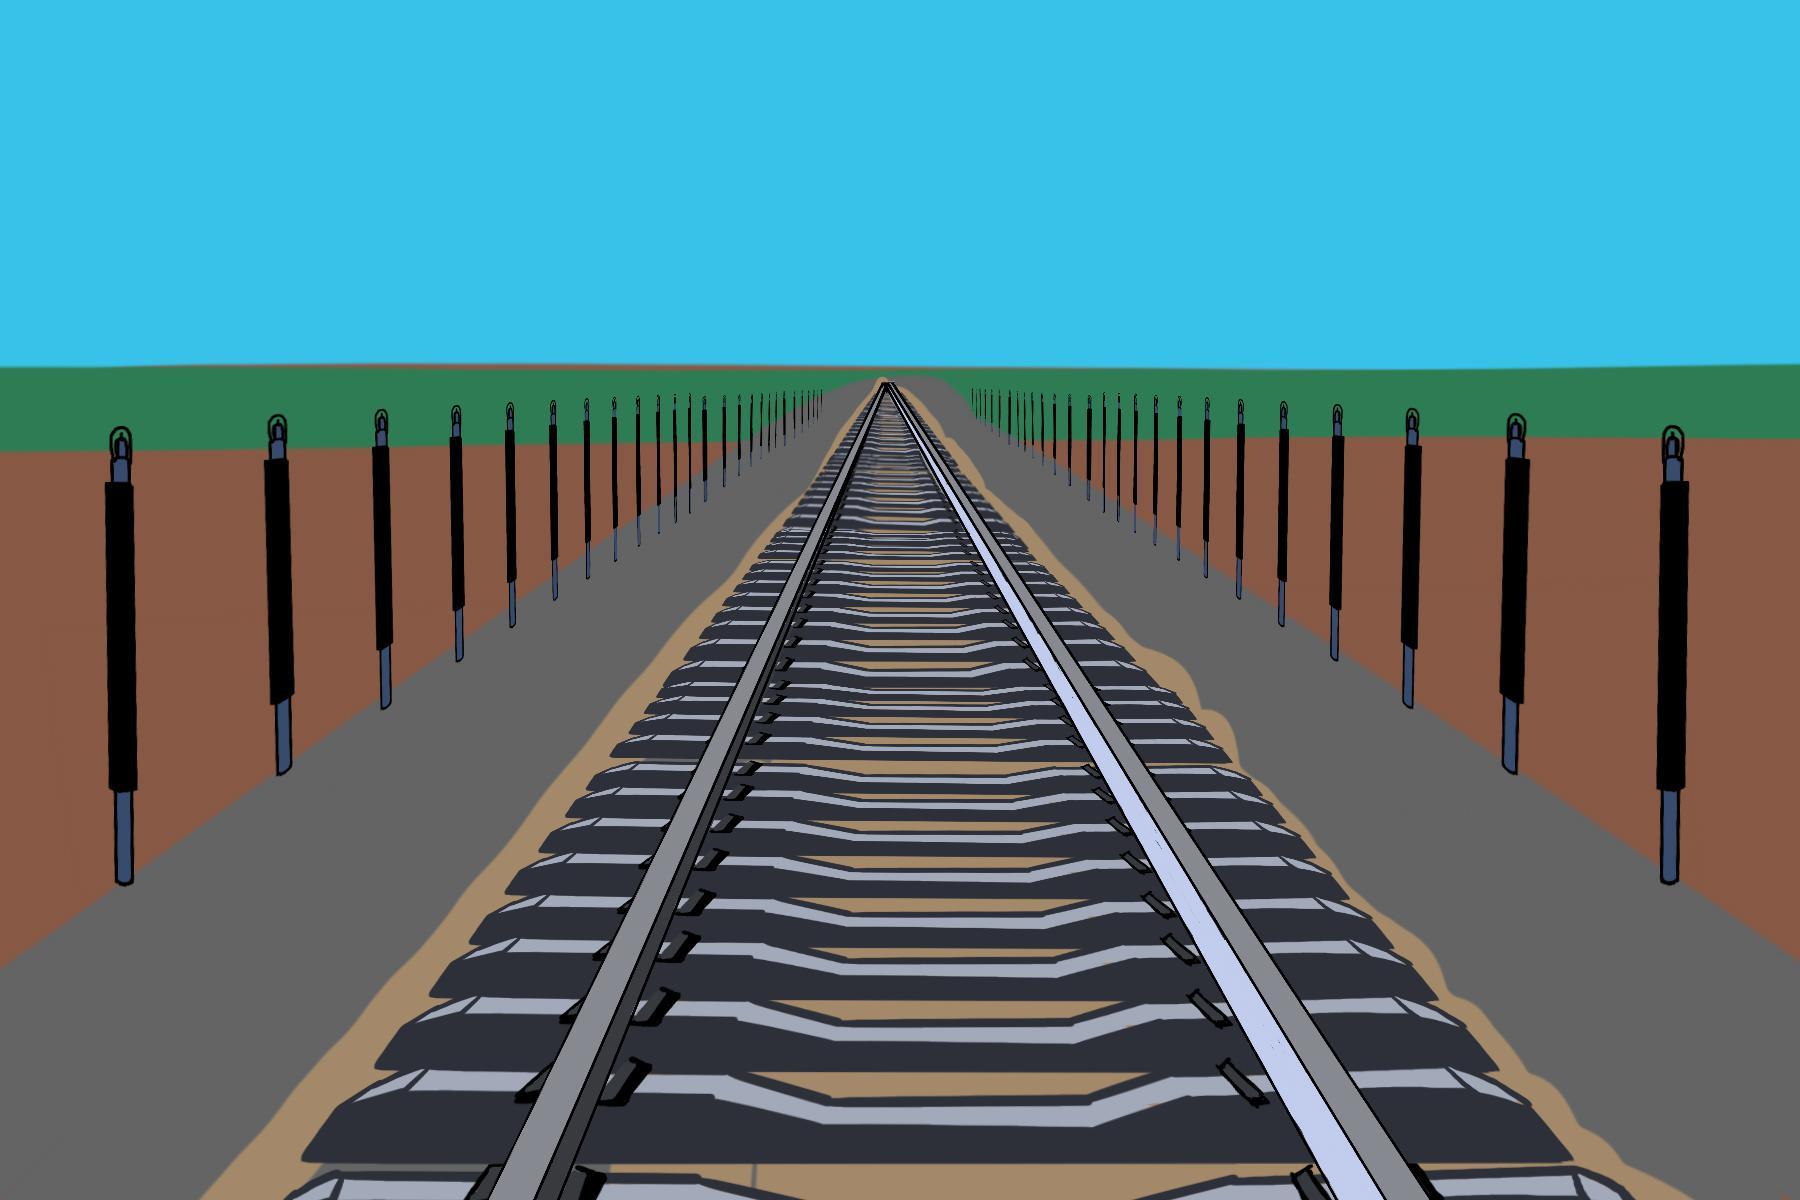 为什么青藏铁路两边有热棒?